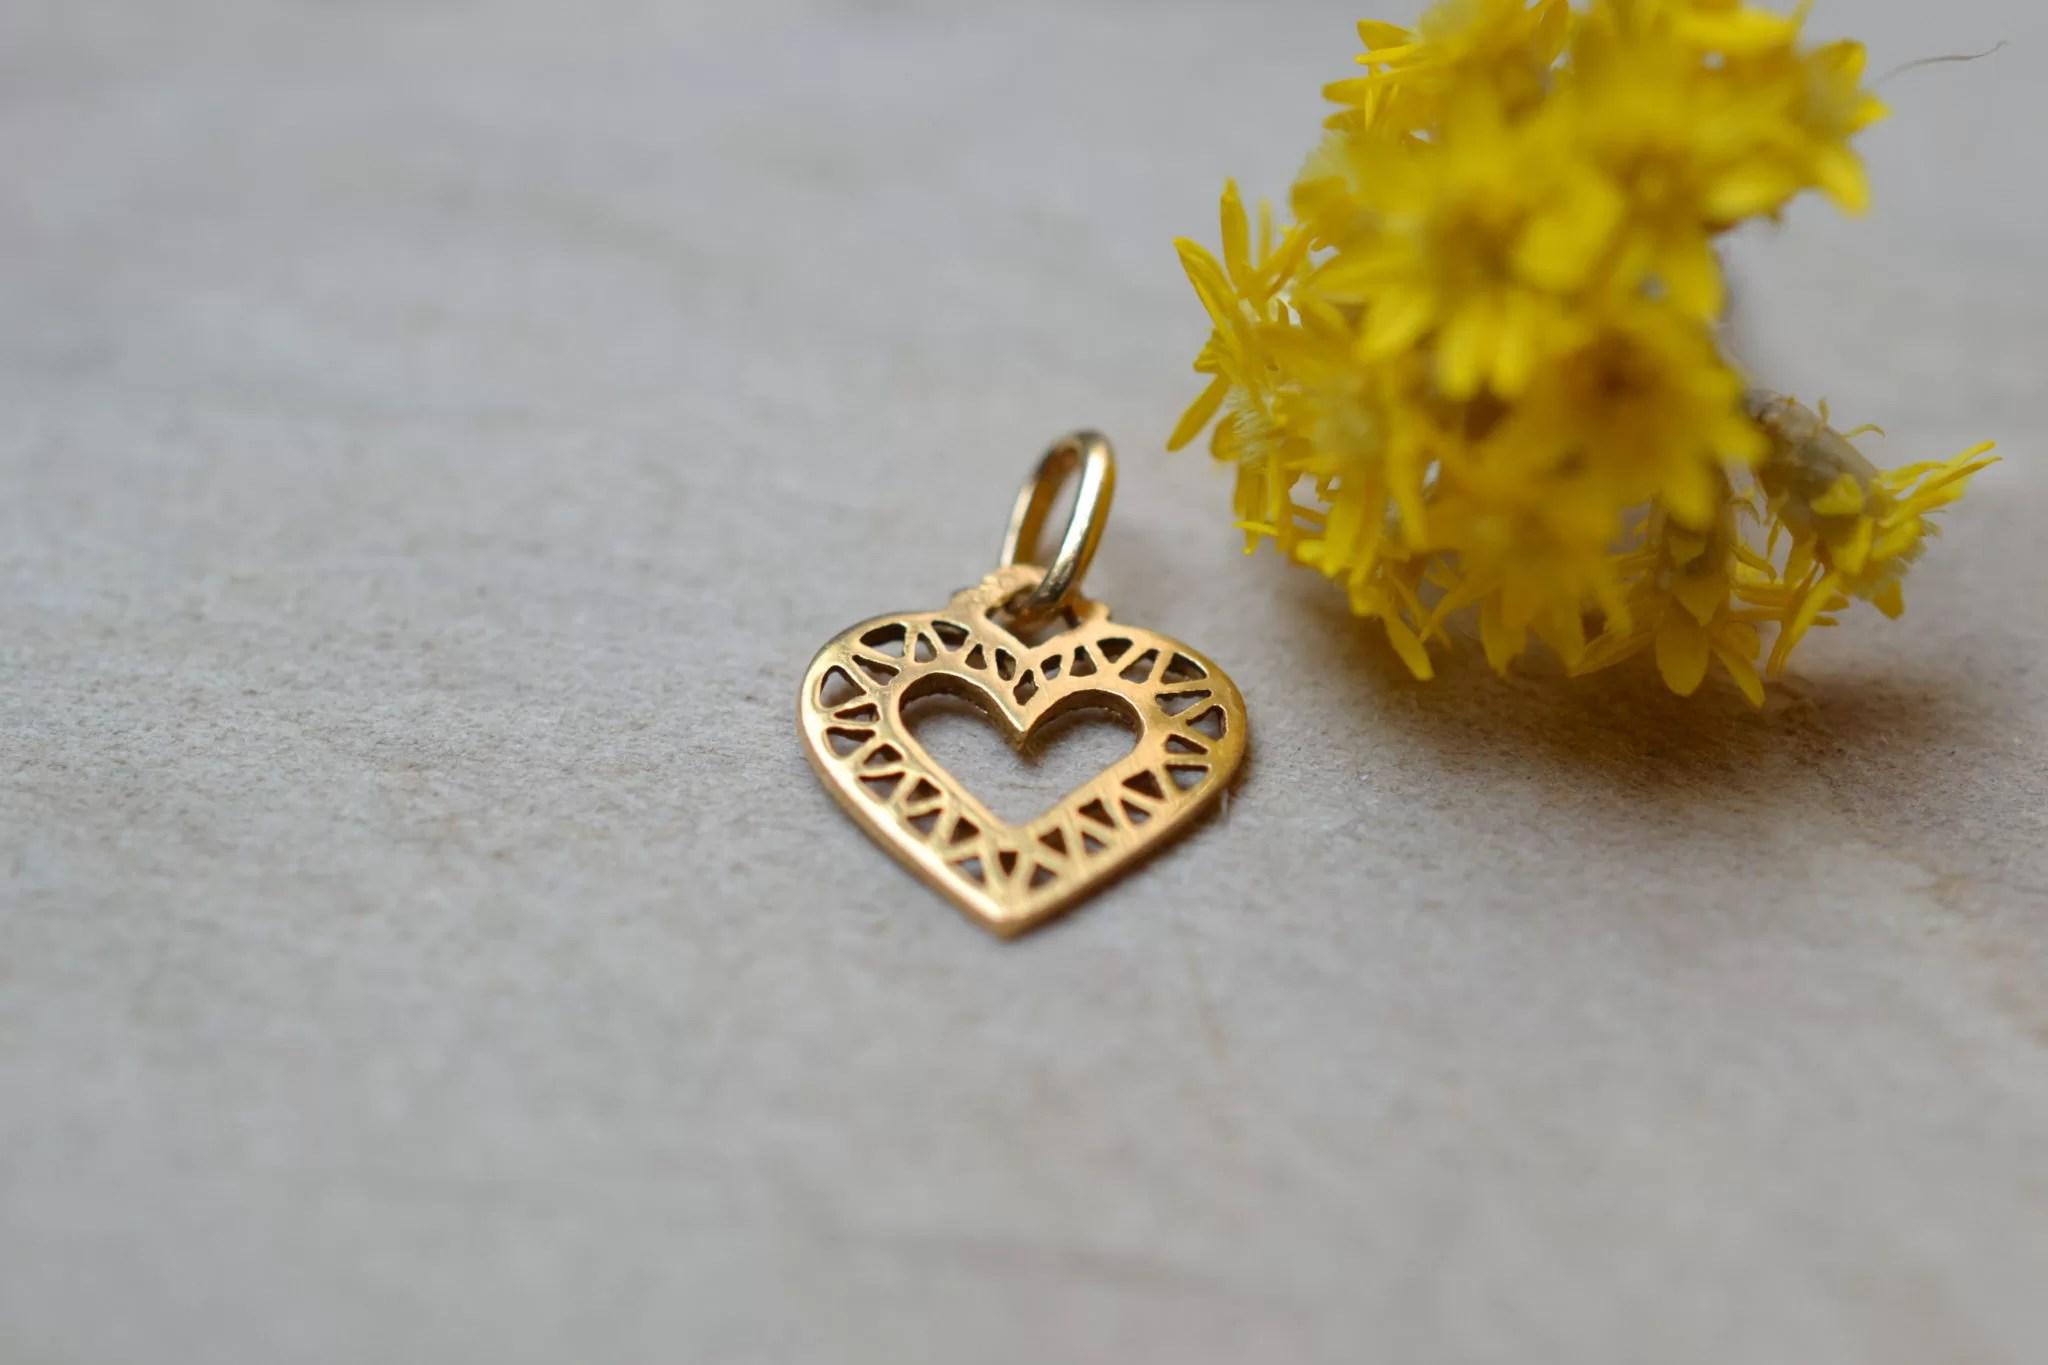 Pendentif cœur ajouré en Or jaune - pendentif de seconde main